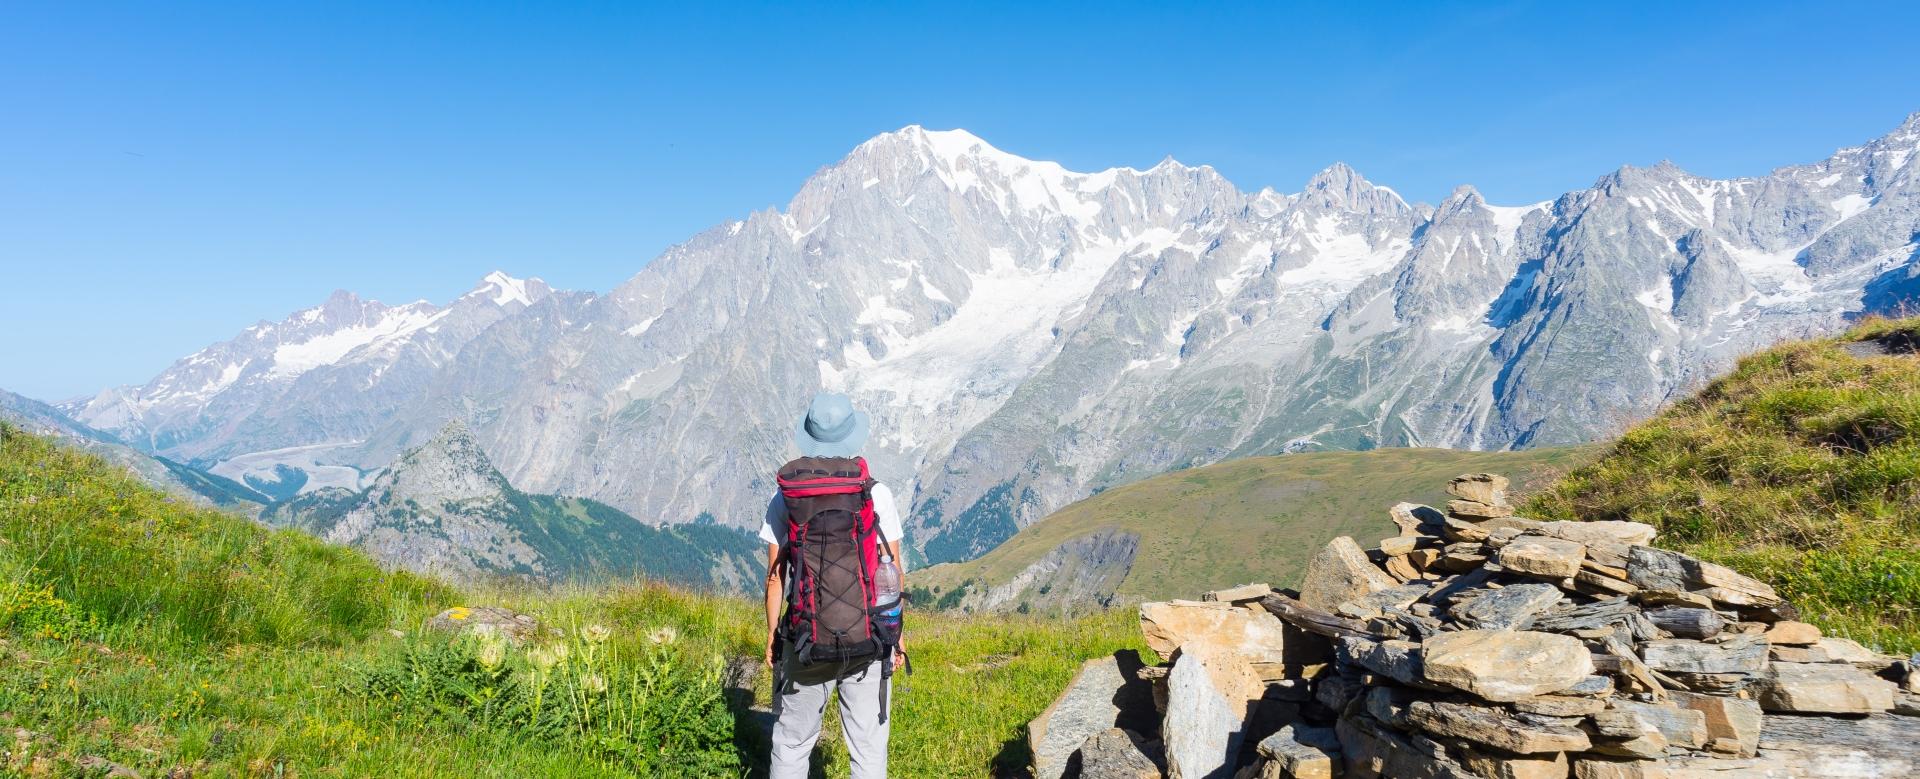 Voyage à pied : Tour du mont-blanc en liberté sur mesure